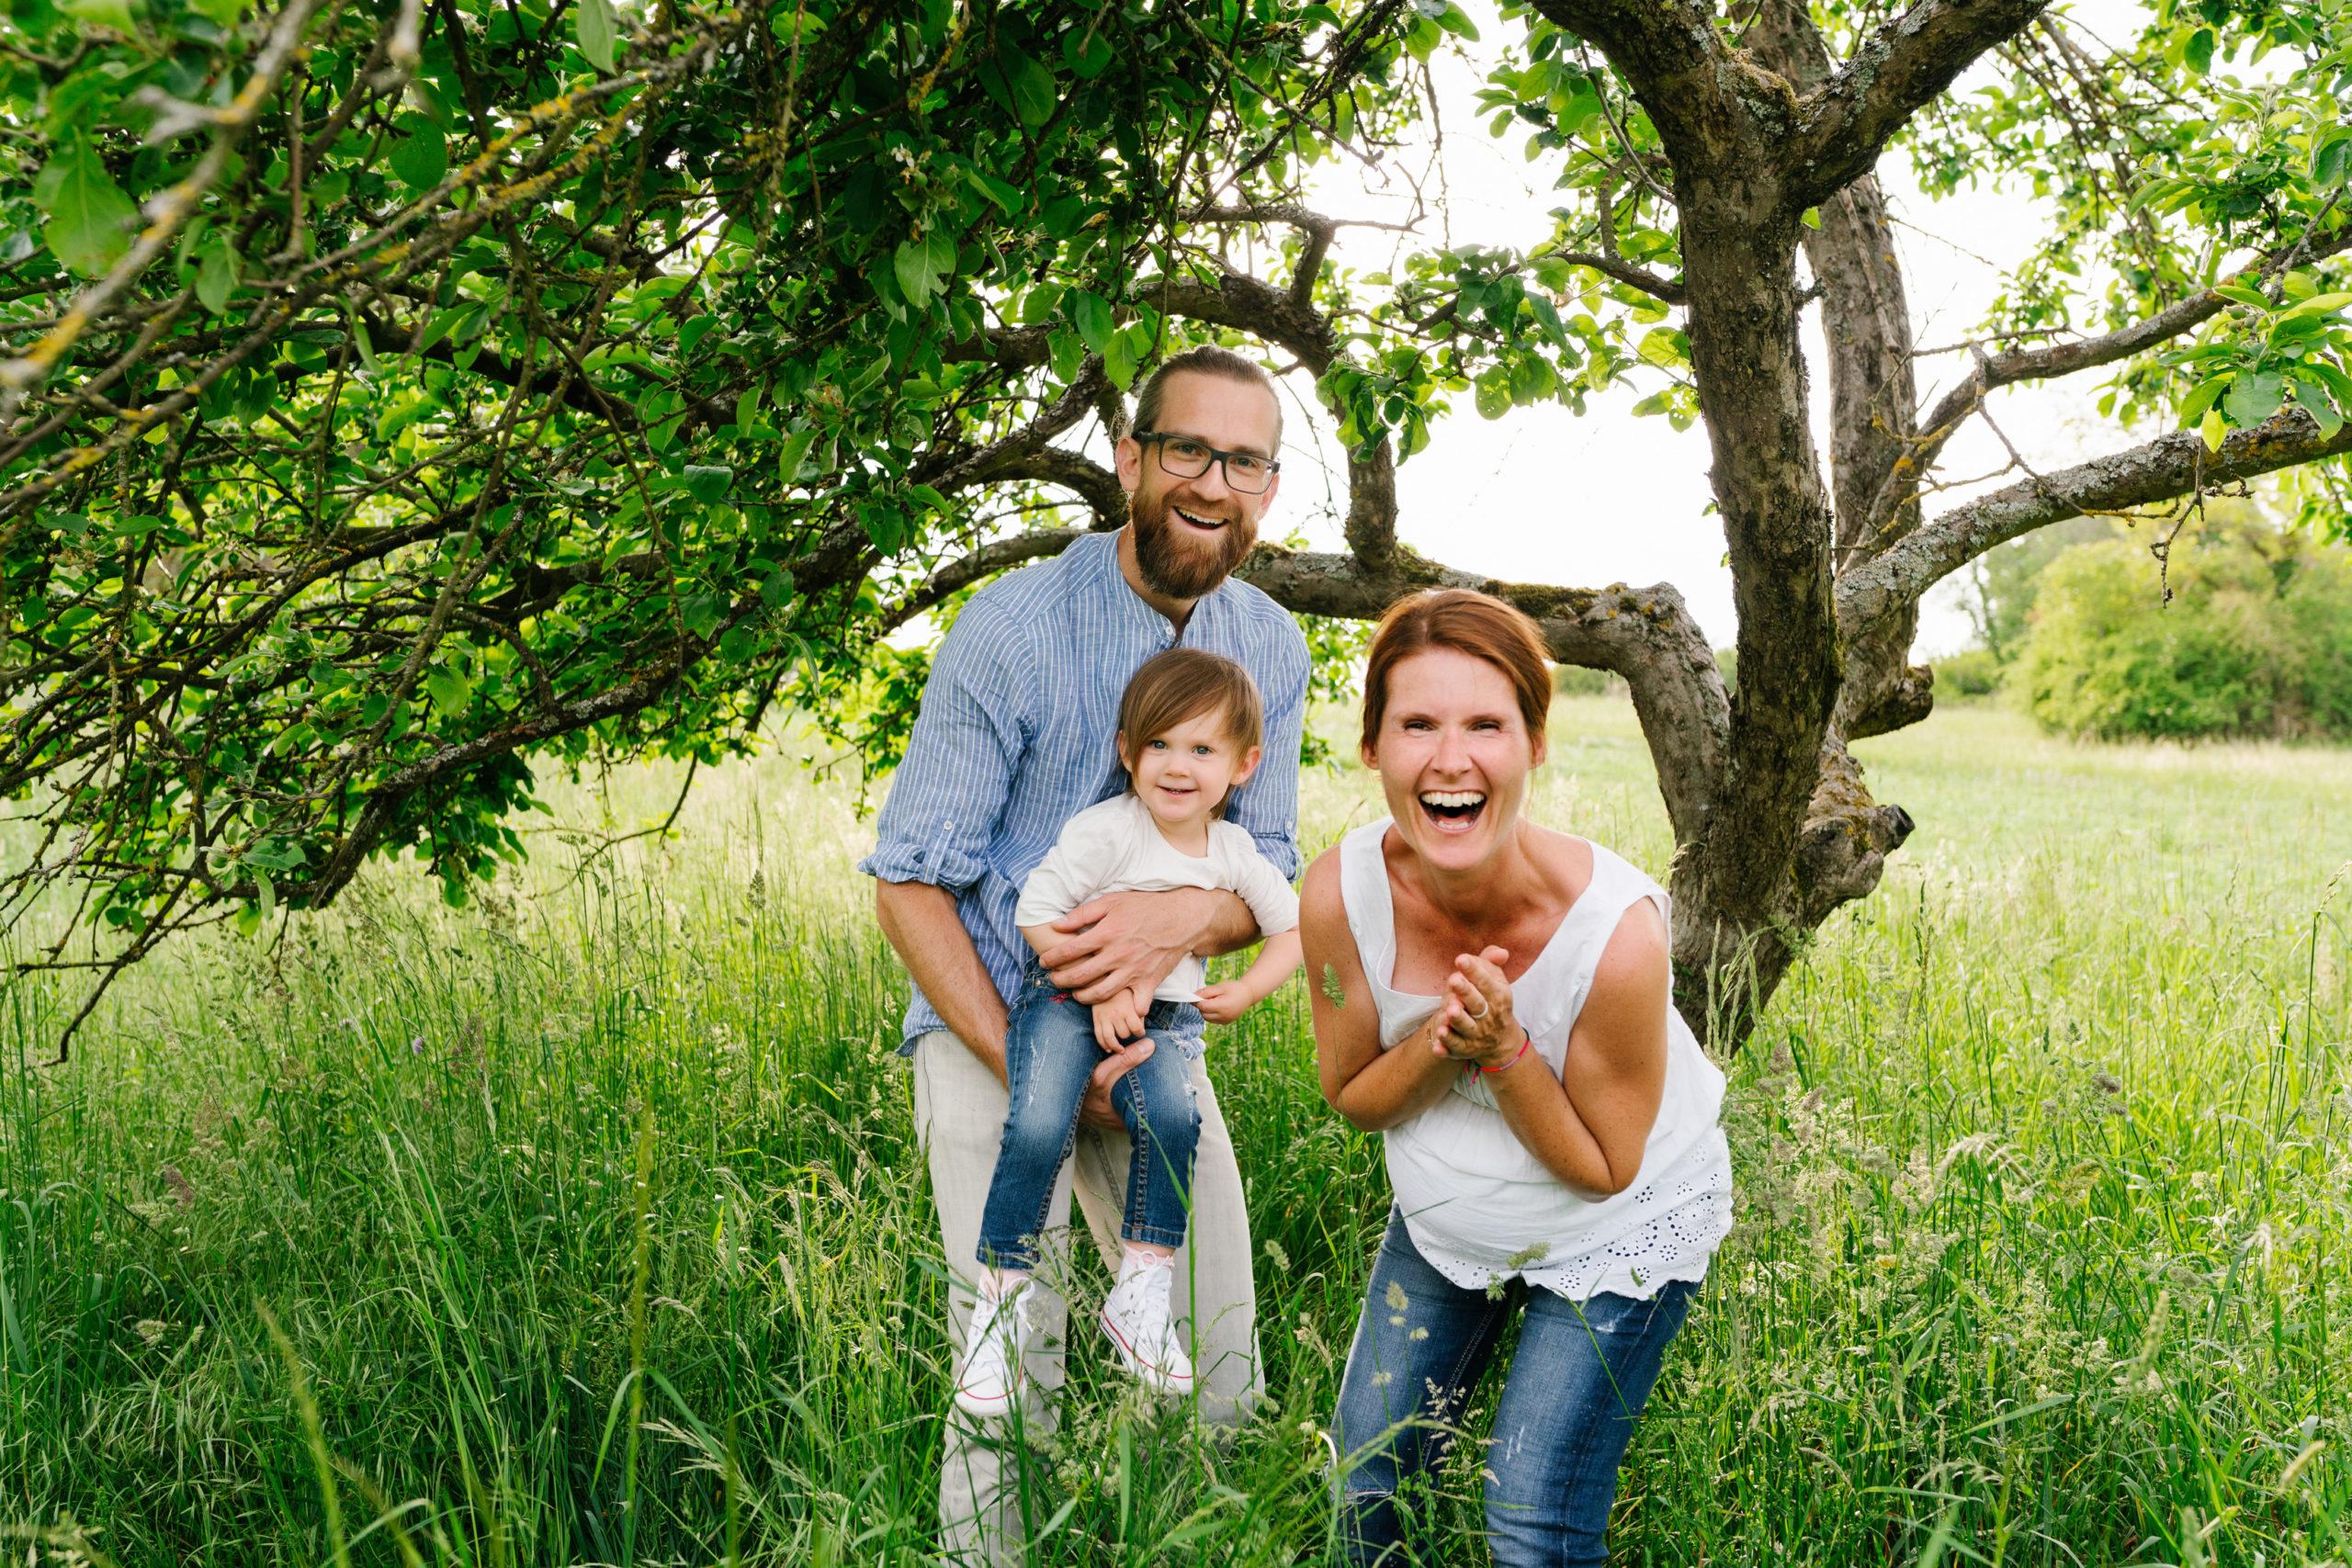 froehliche familienbilder mit babybauch in der natur von aline lange fotografie